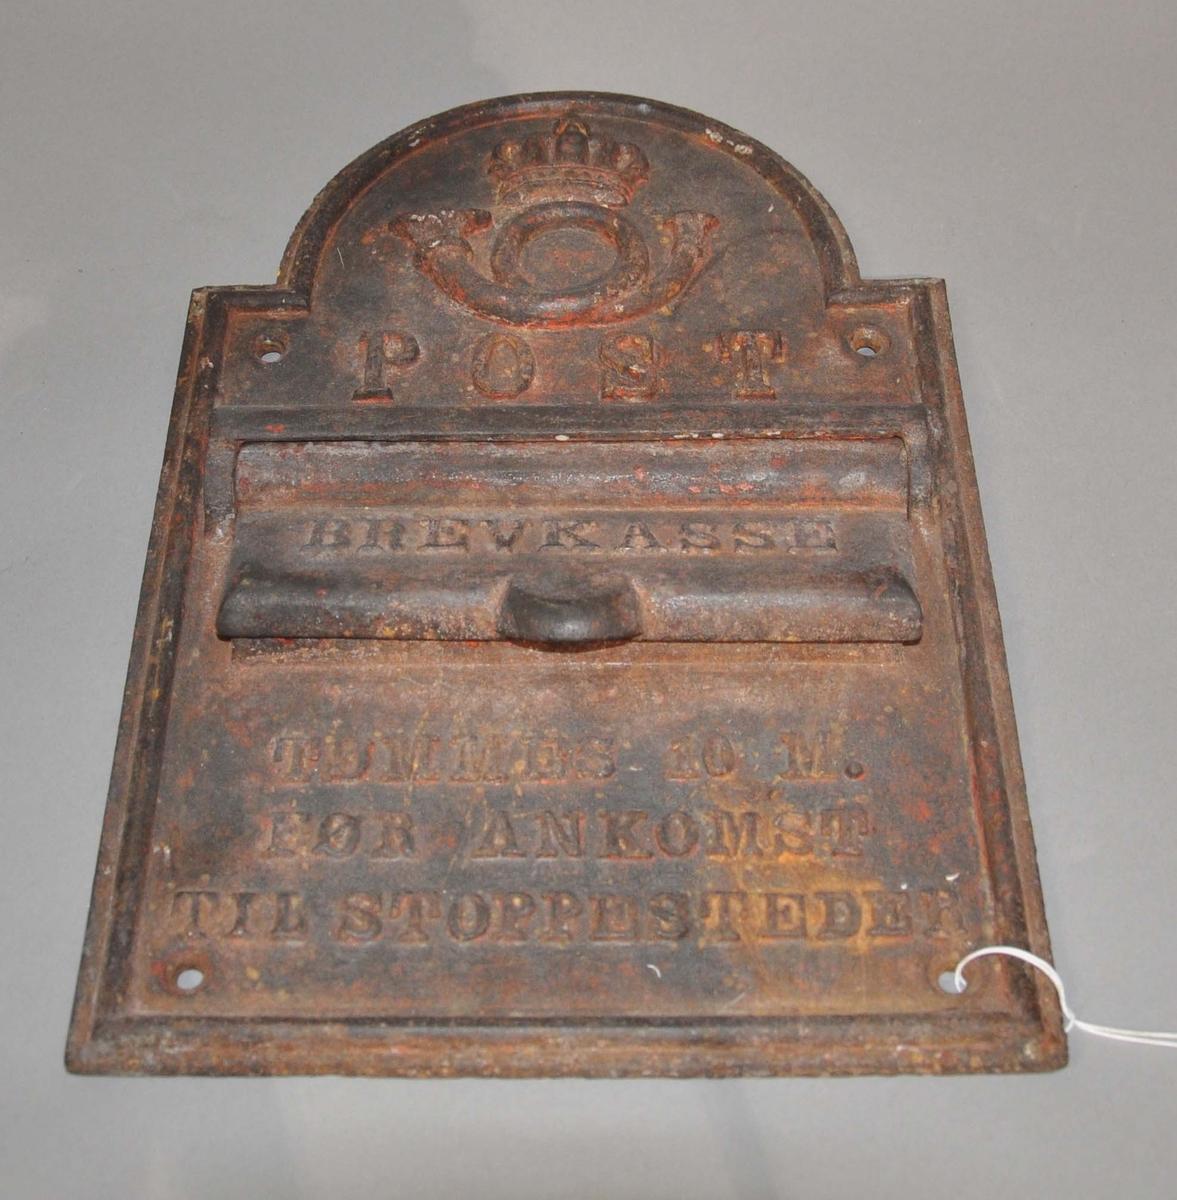 Brevinnkast brukt i postekspedisjon på tog.